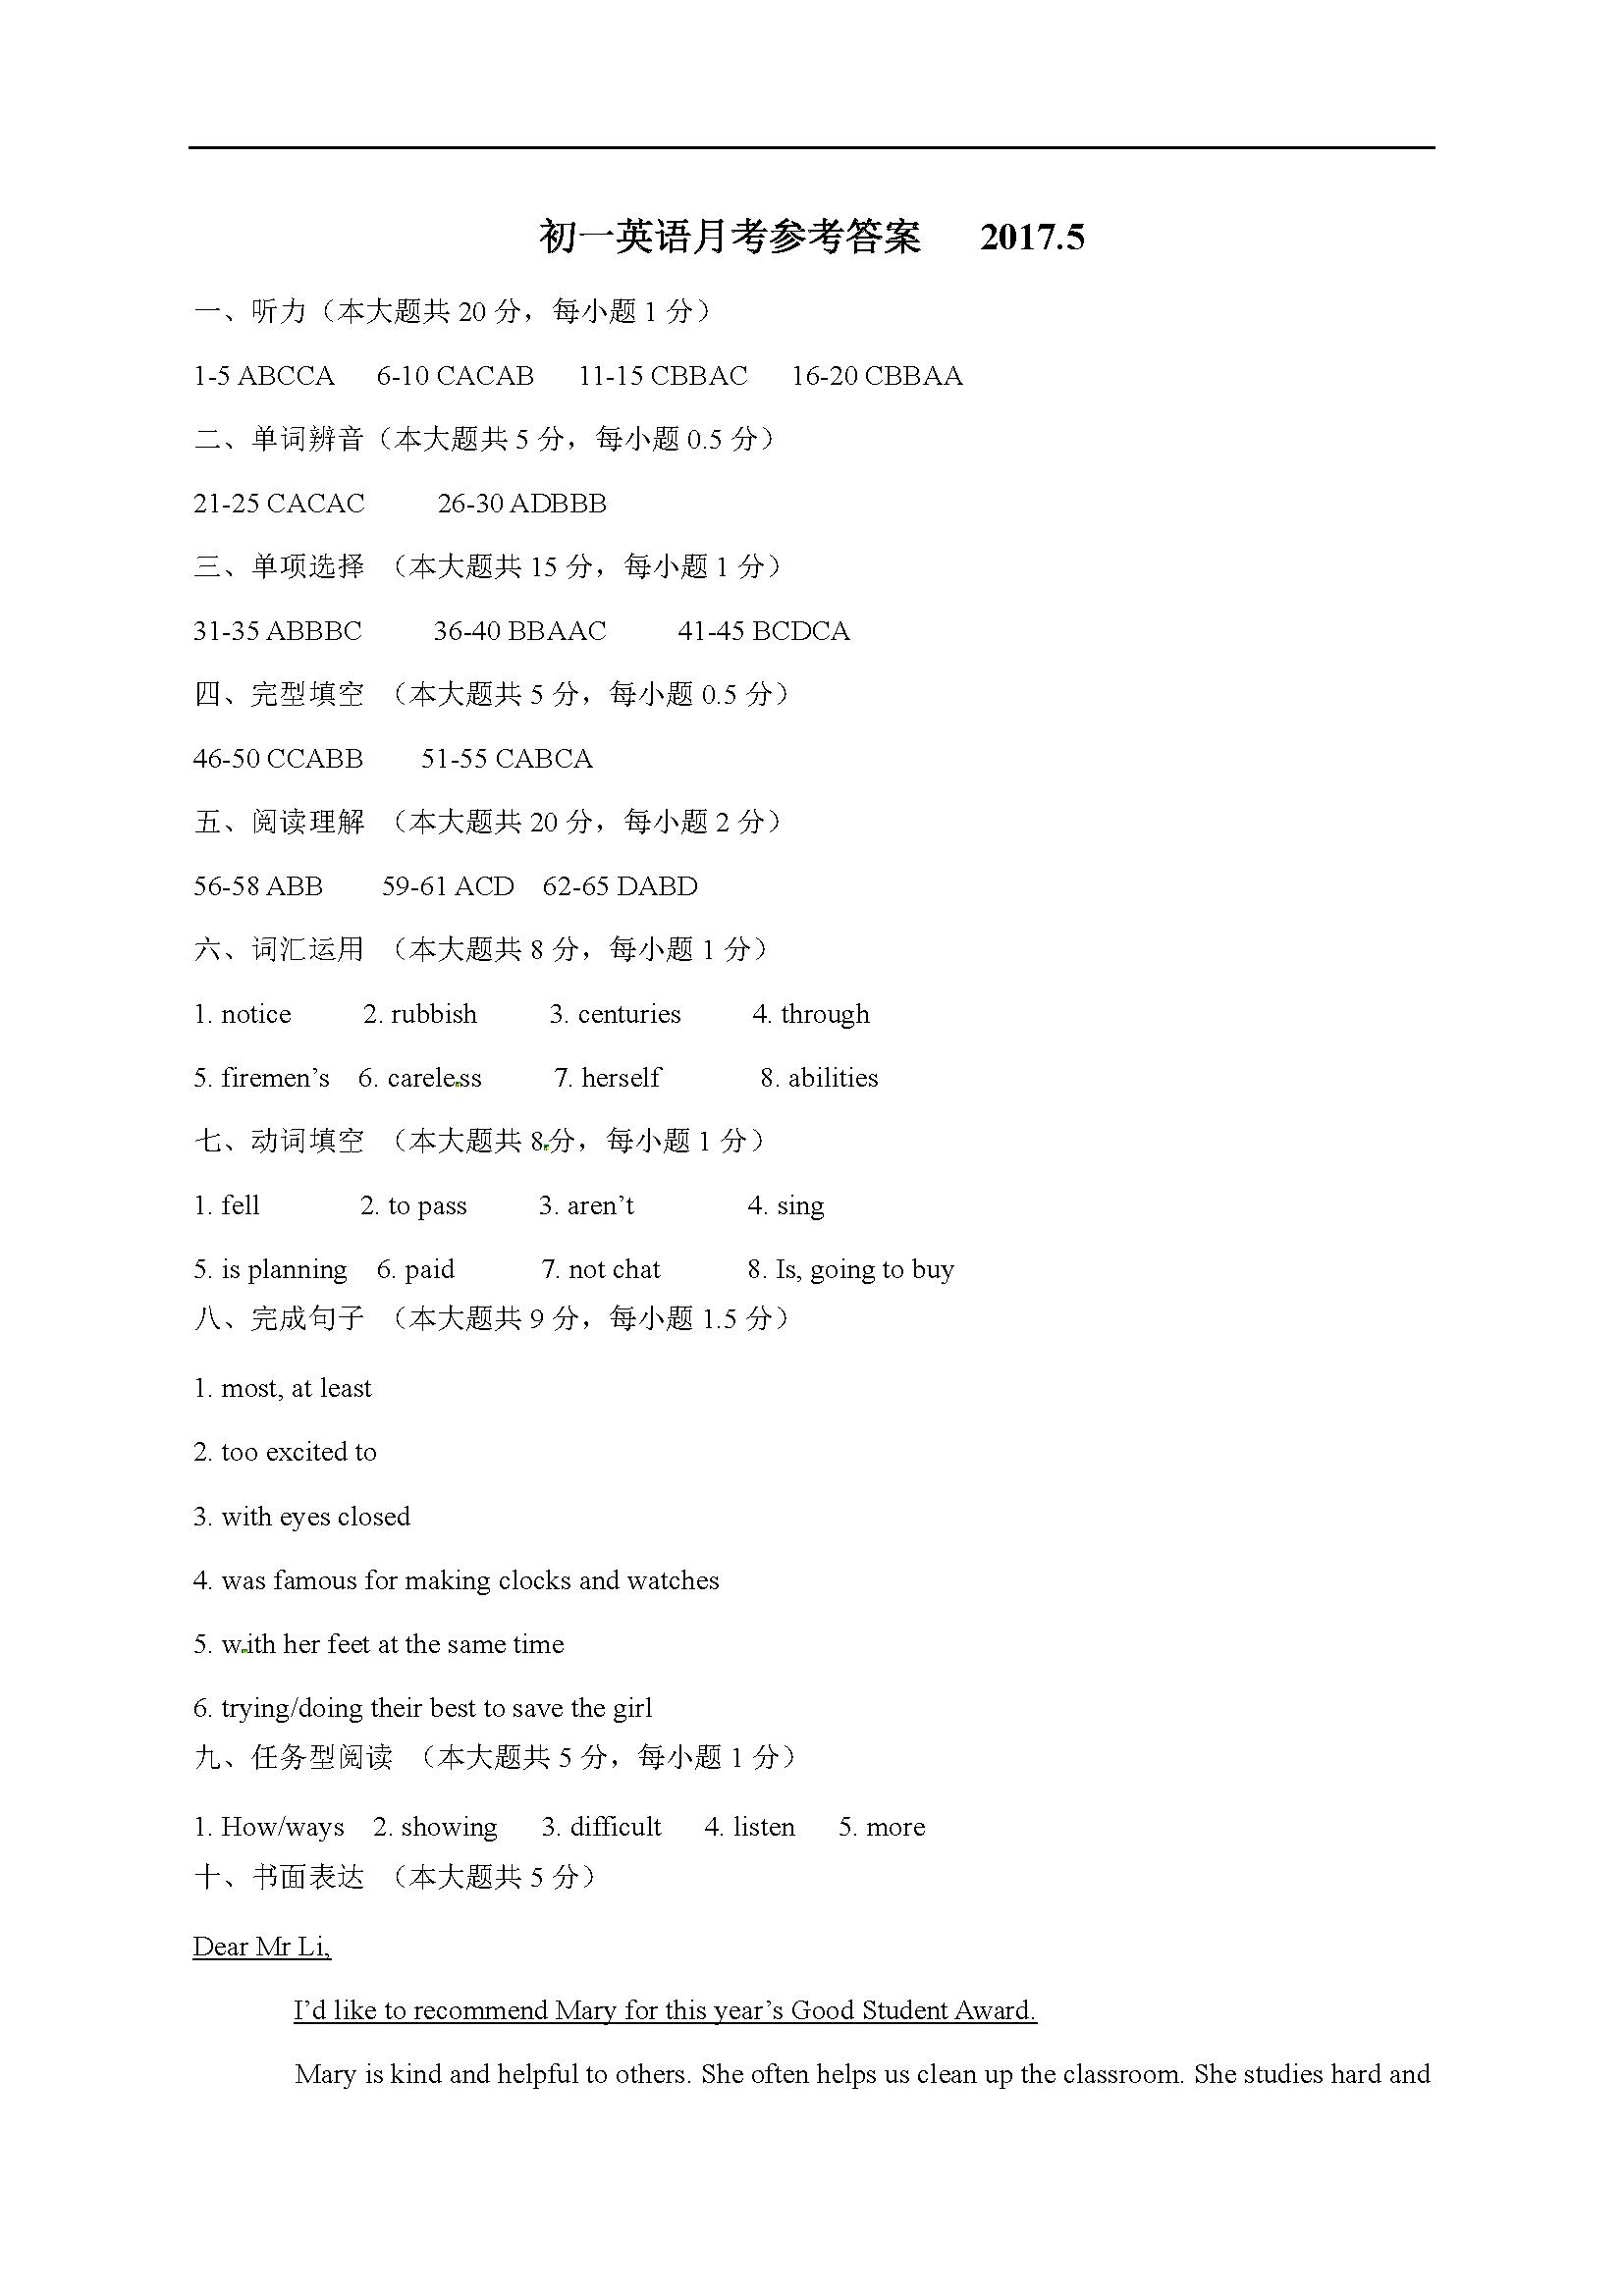 2017江苏无锡江阴周庄中学七年级5月月考英语试题答案(Word版)